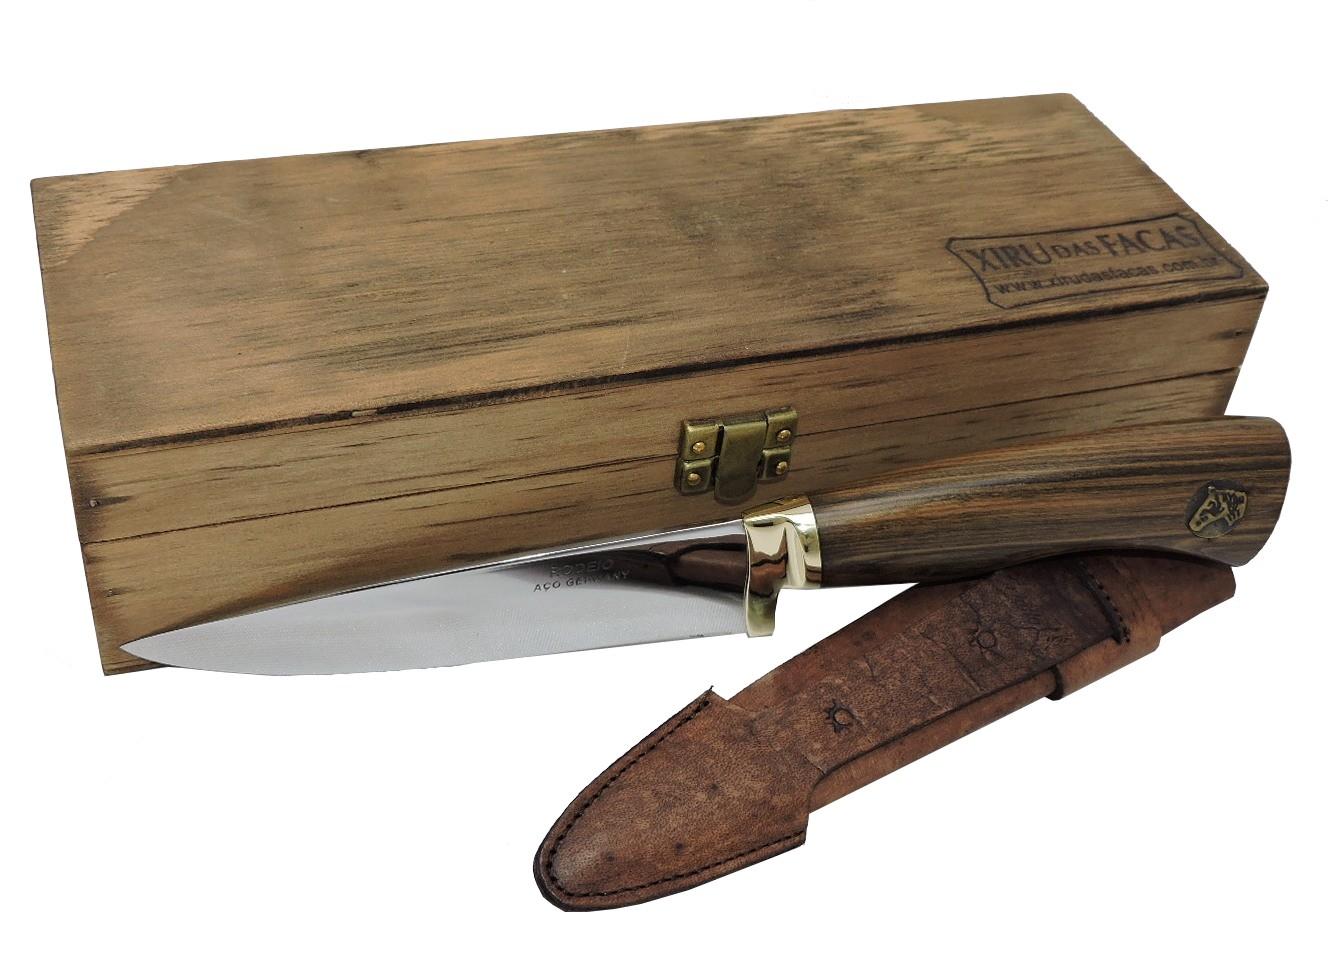 kit-presente-faca-ga-cha-churrasco-5-pol-c-caixa-madeira-3-.jpg